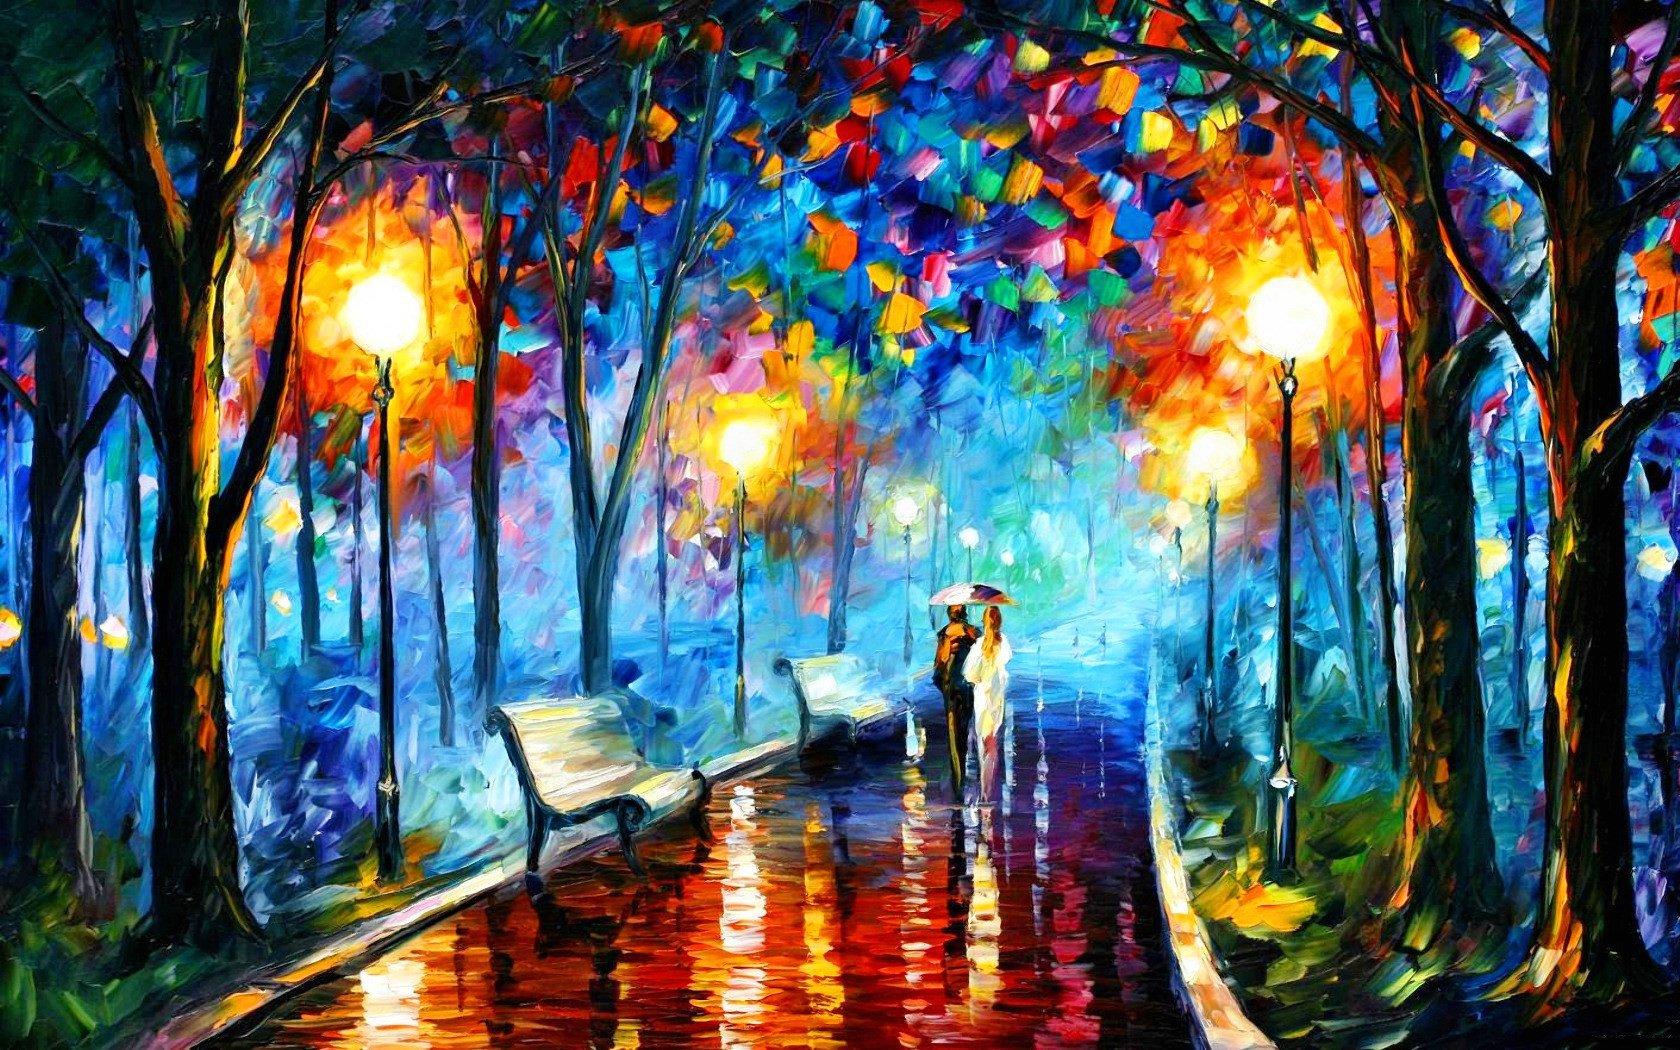 wallpaper vincent van gogh santa lighs night umbrella 1680x1050